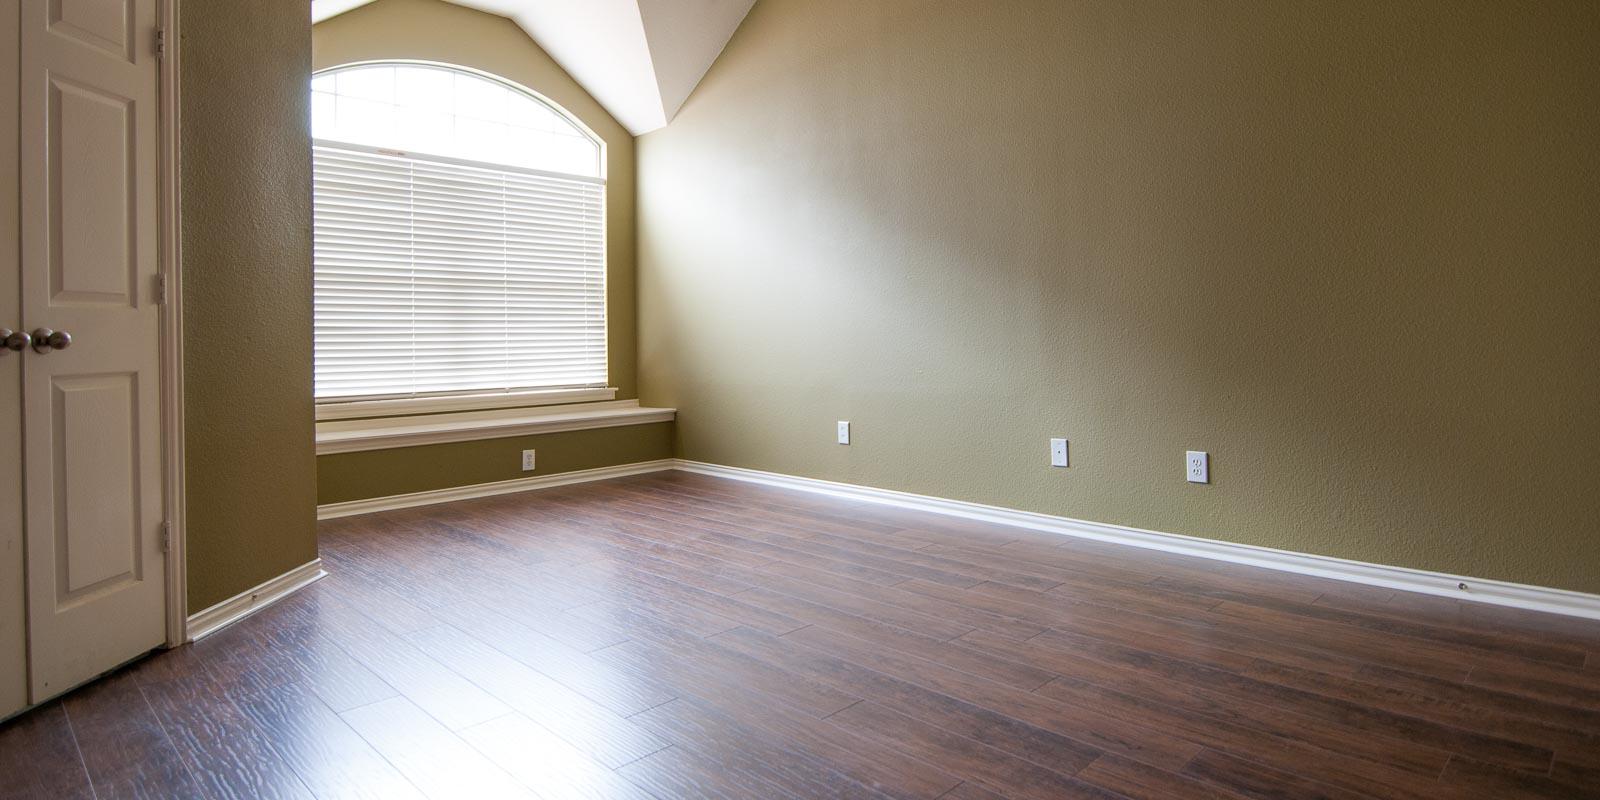 Master Bedroom Update Ladies and Gents We Have a Floor